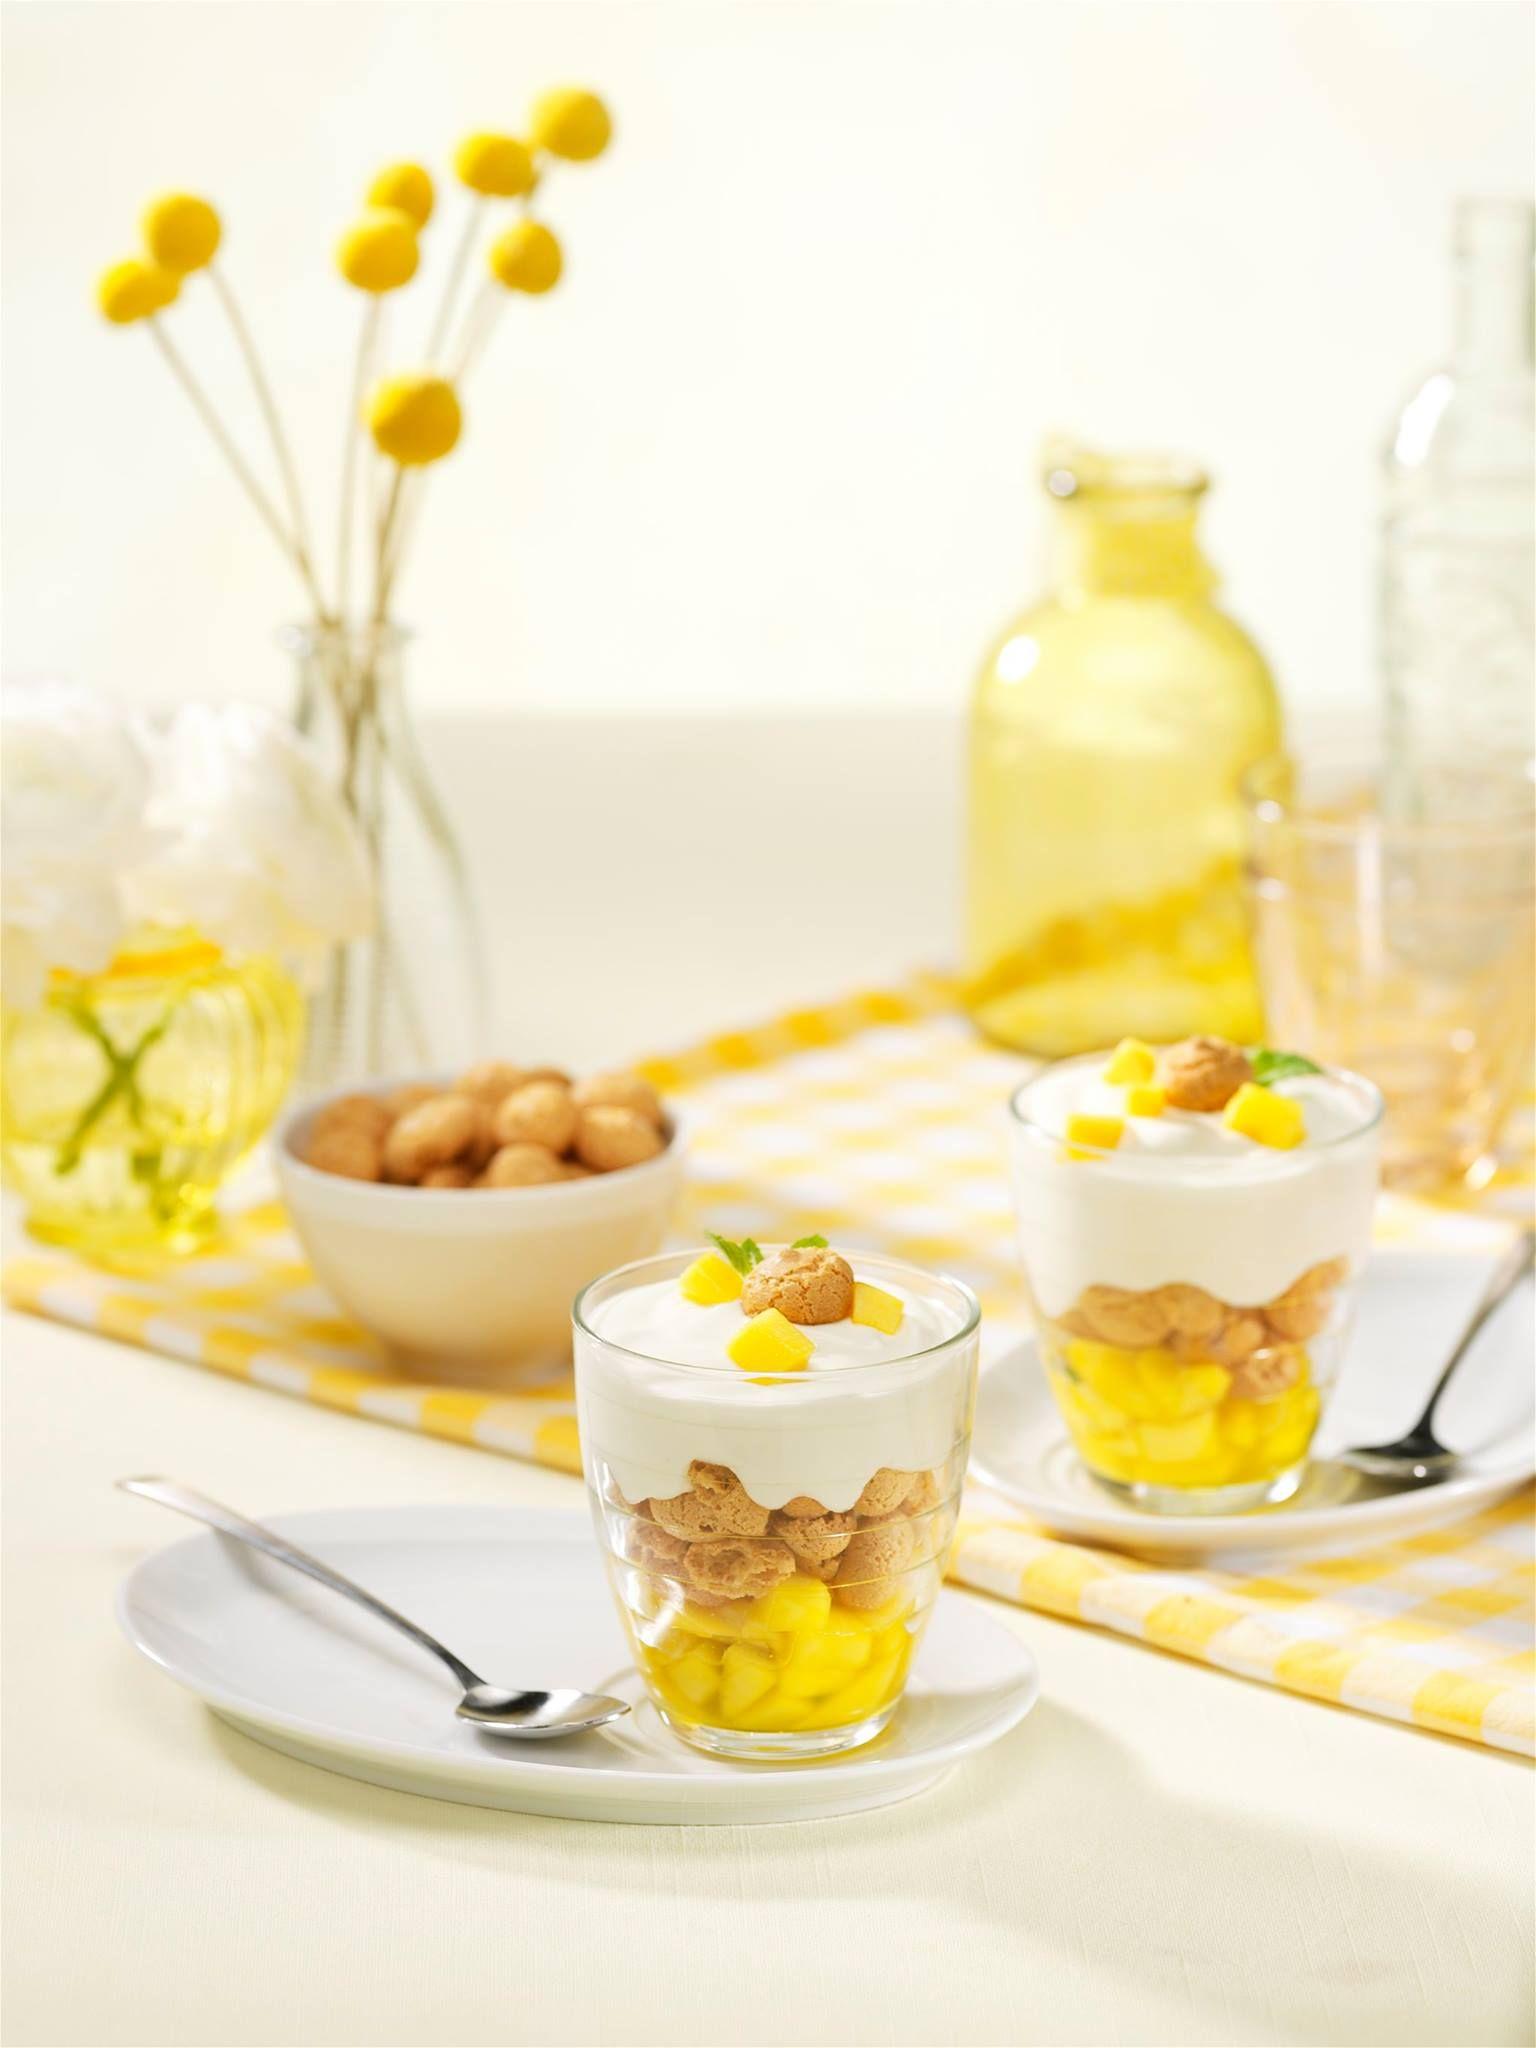 Passievrucht – mango dessert (4 Pers.) 1 mango, geschild in kleine blokjes 3 el passievruchtazijn (O&V) 5 takjes munt 250 ml slagroom 1 el suiker 5 el Griekse yoghurt 1 citroen 24 amaretti koekjes, 20 in brokjes, 4 ter garnering (O&V) of cantuccini's (O&V)  -Doe de helft van de mangoblokjes in een steelpan en giet de passievruchtazijn erbij . Voeg de blaadjes van 4 takjes munt toe, stoof enkele minuten en laat afkoelen . Voeg de overige mango-blokjes aan de gestoofde mango toe ( Hou een paar…